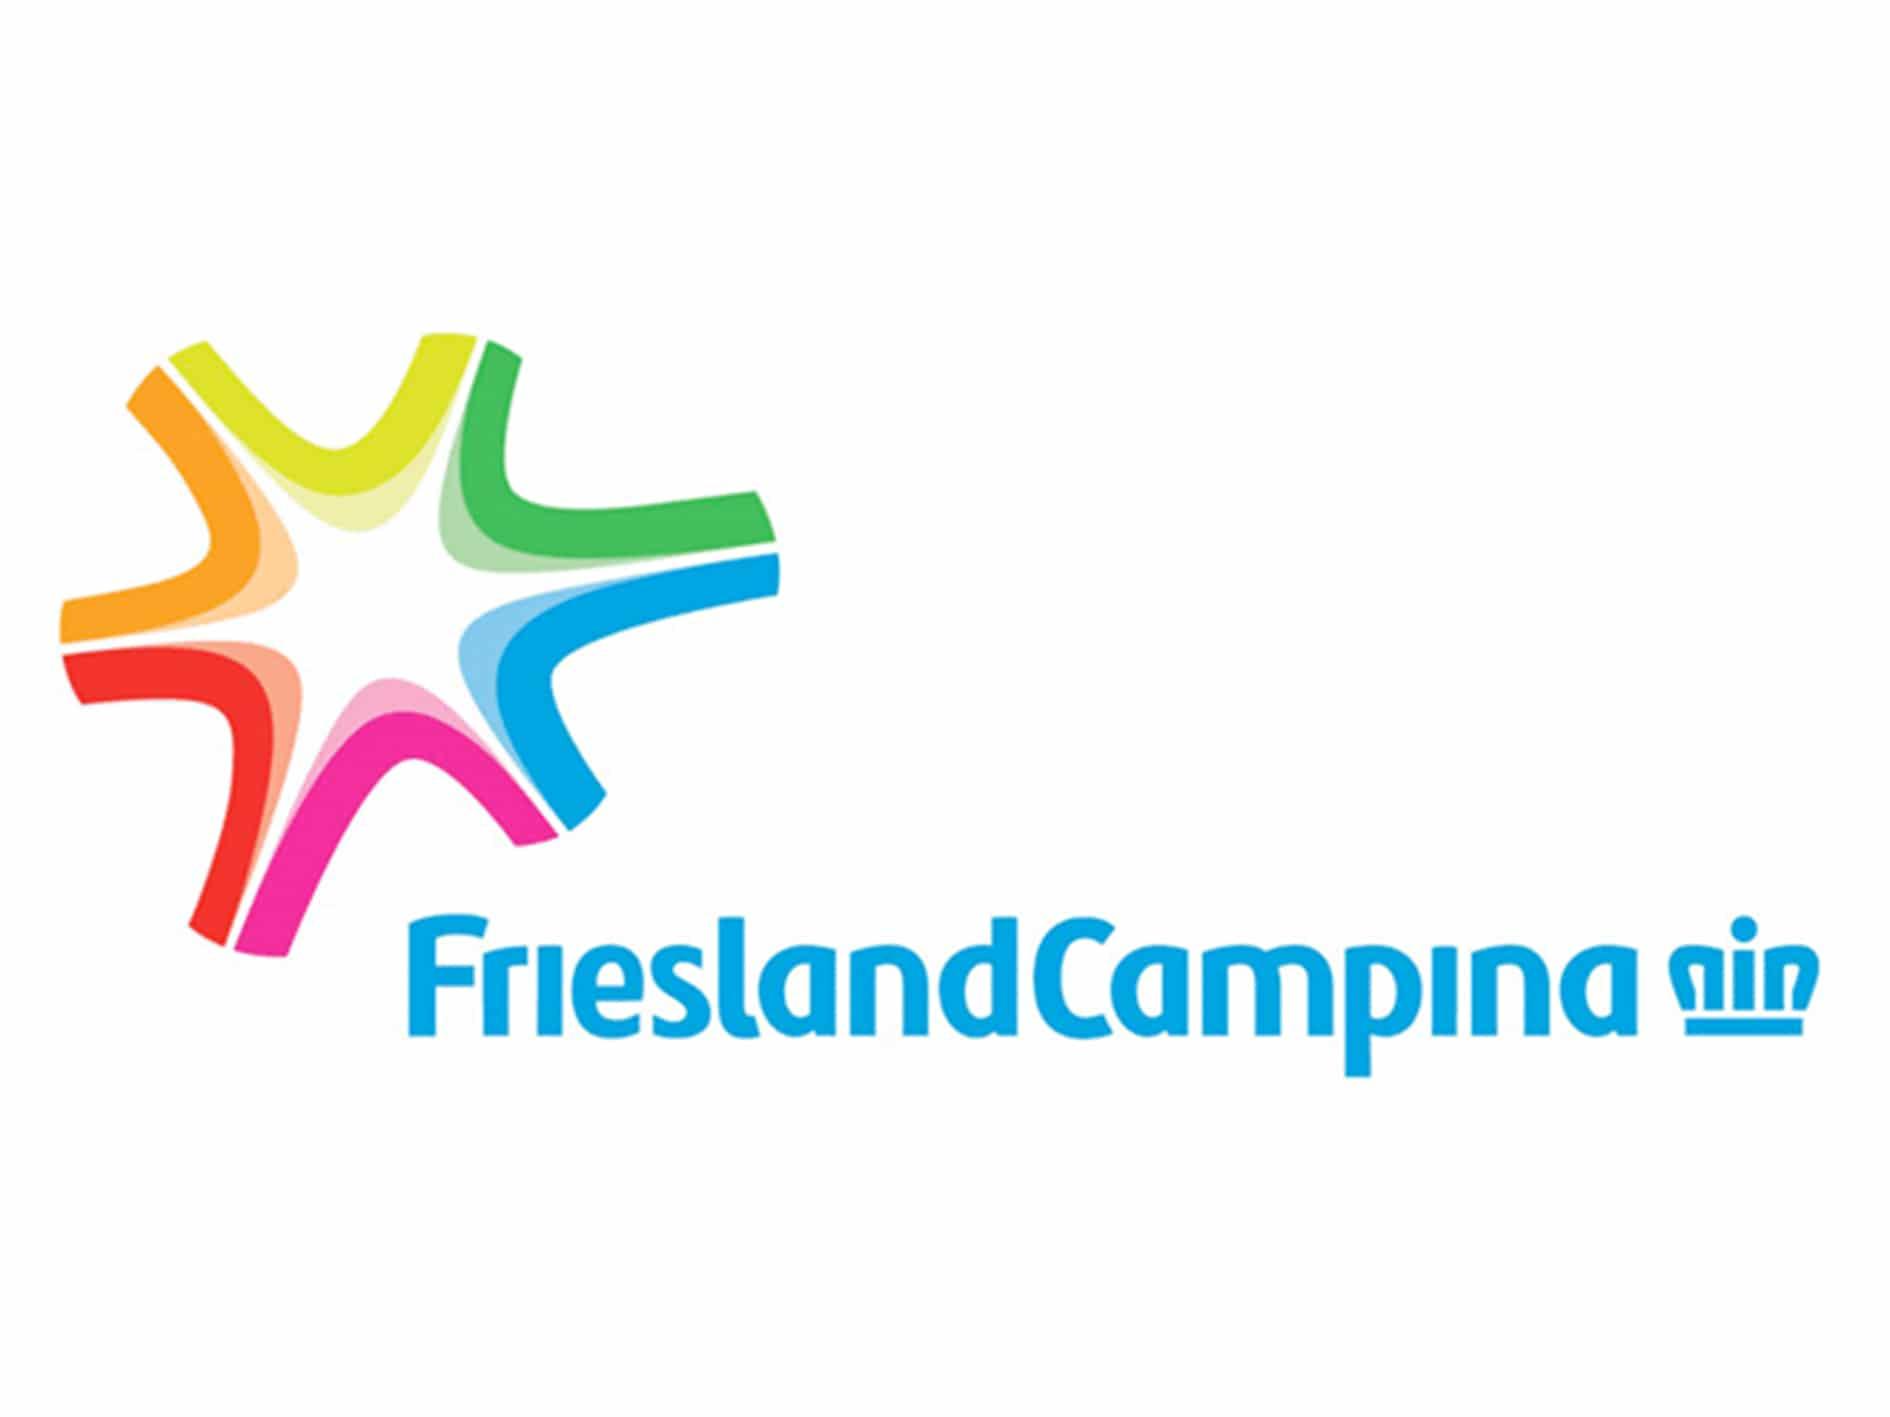 FrieslandCampina - logo